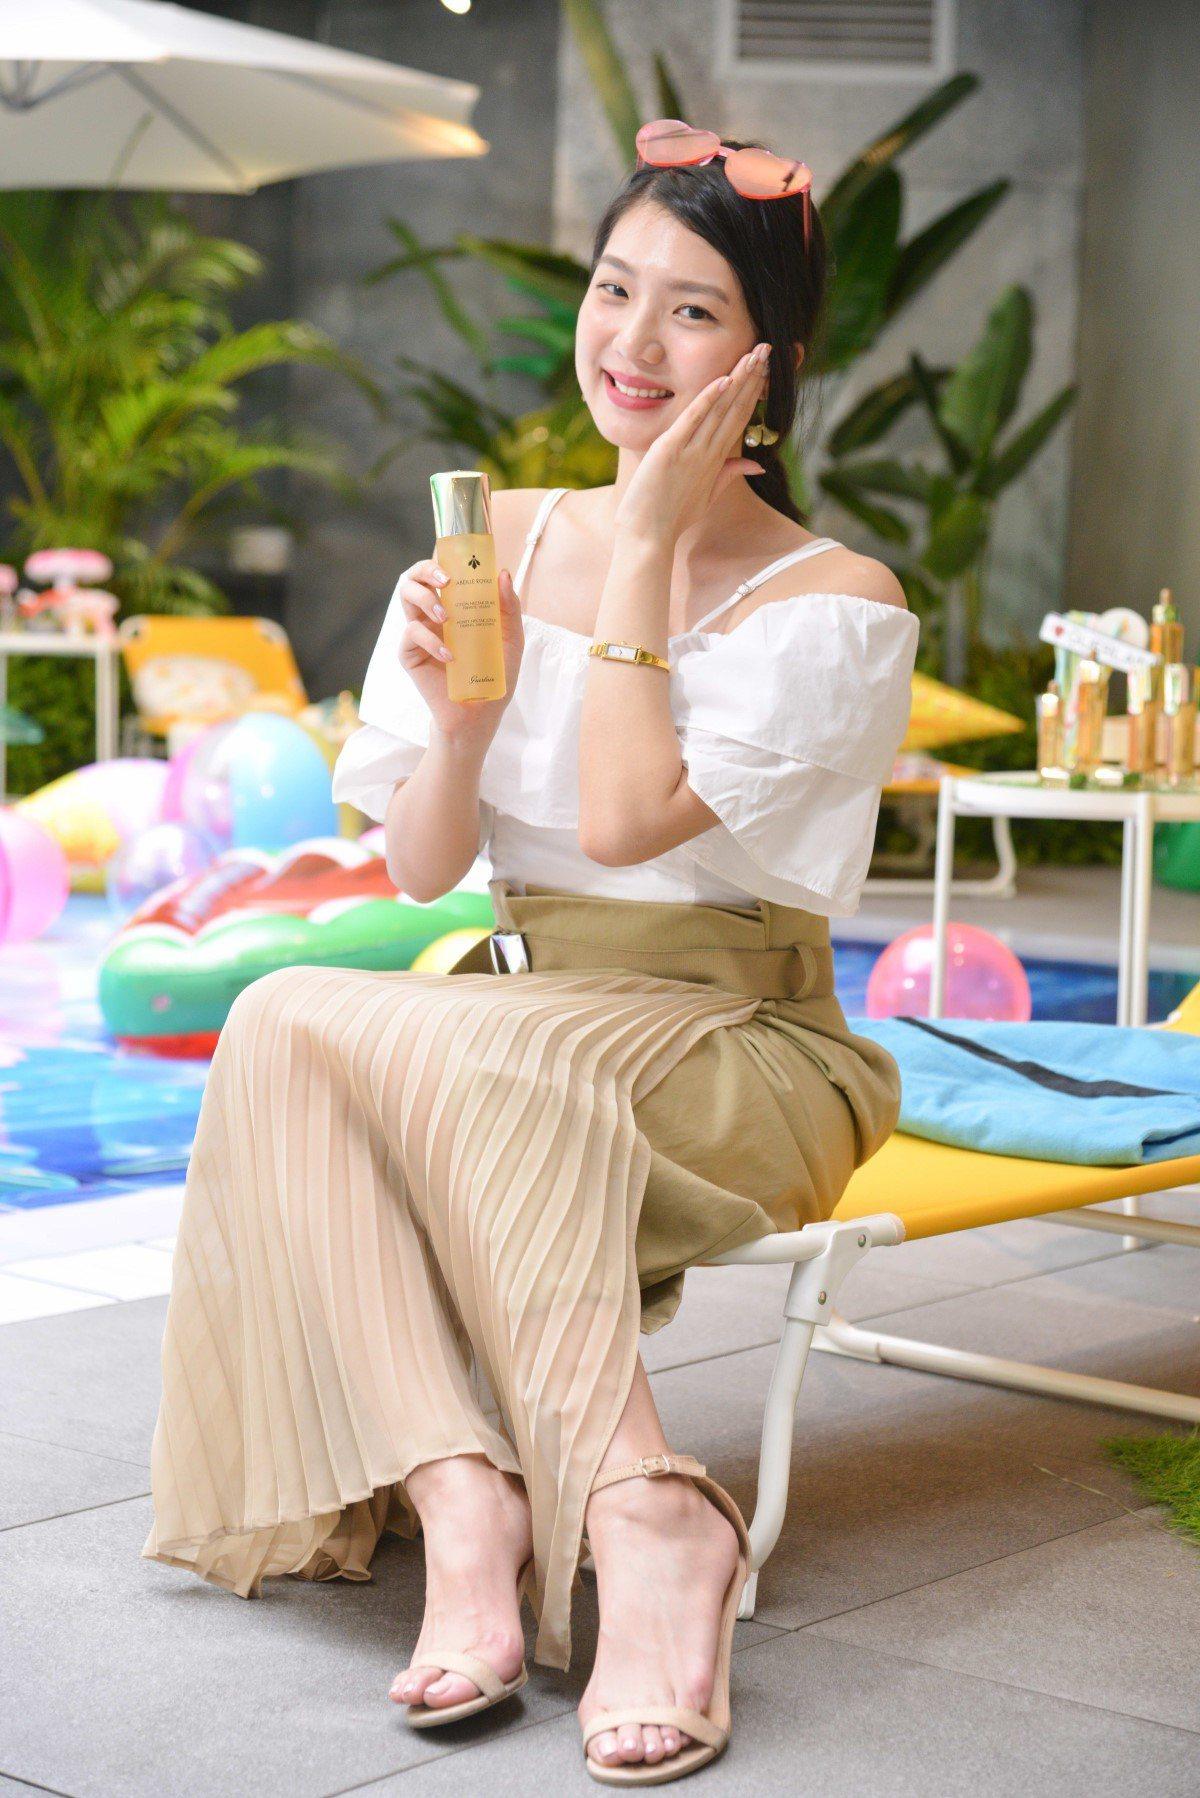 嬌蘭教女性,上妝前使用皇家蜂王乳蜜露,馬上強化保濕。圖/嬌蘭提供